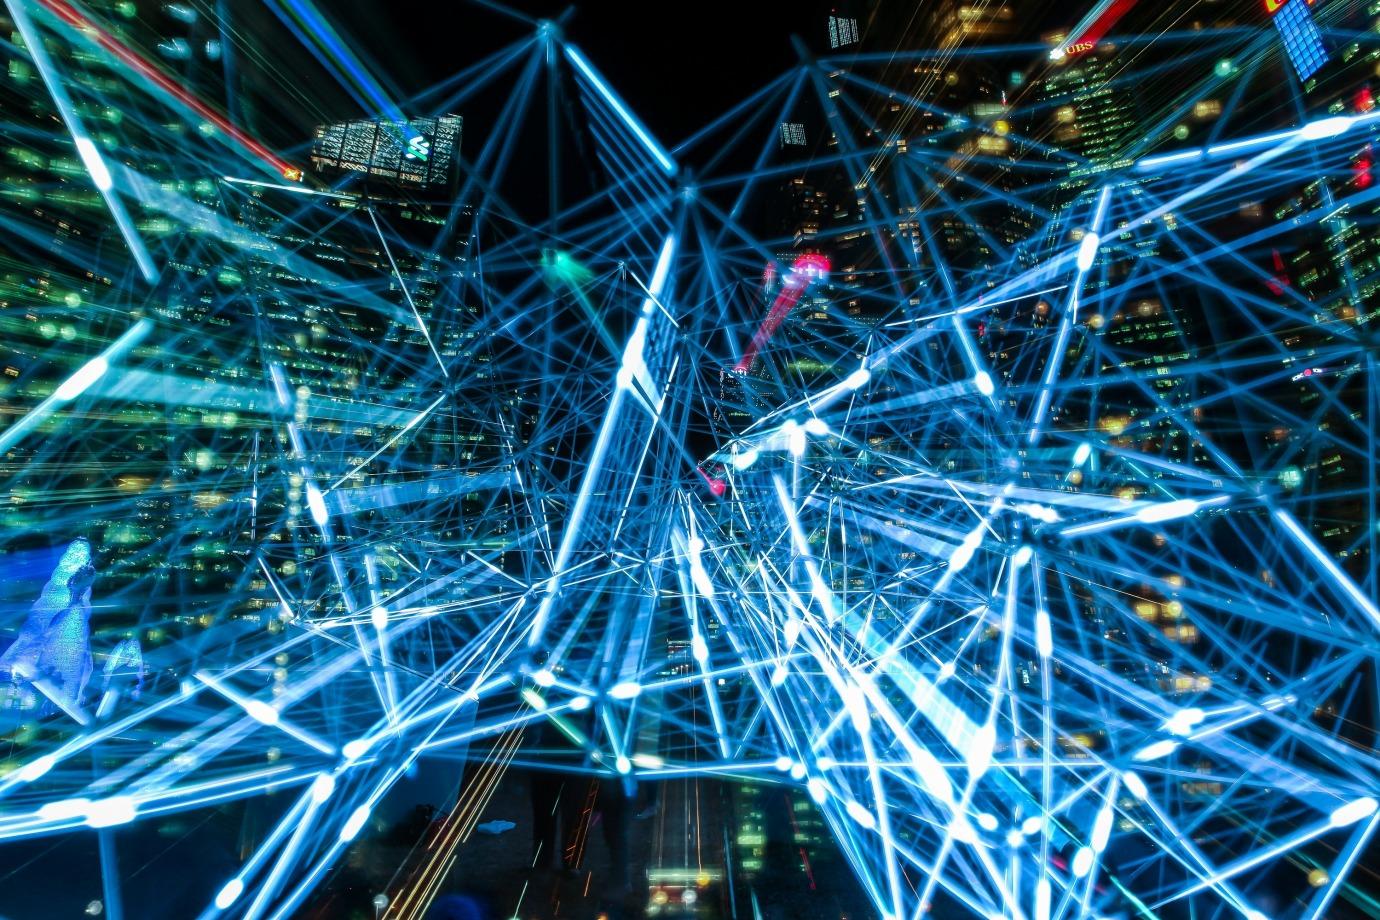 Li-Fi: Daten werden über Licht übertragen